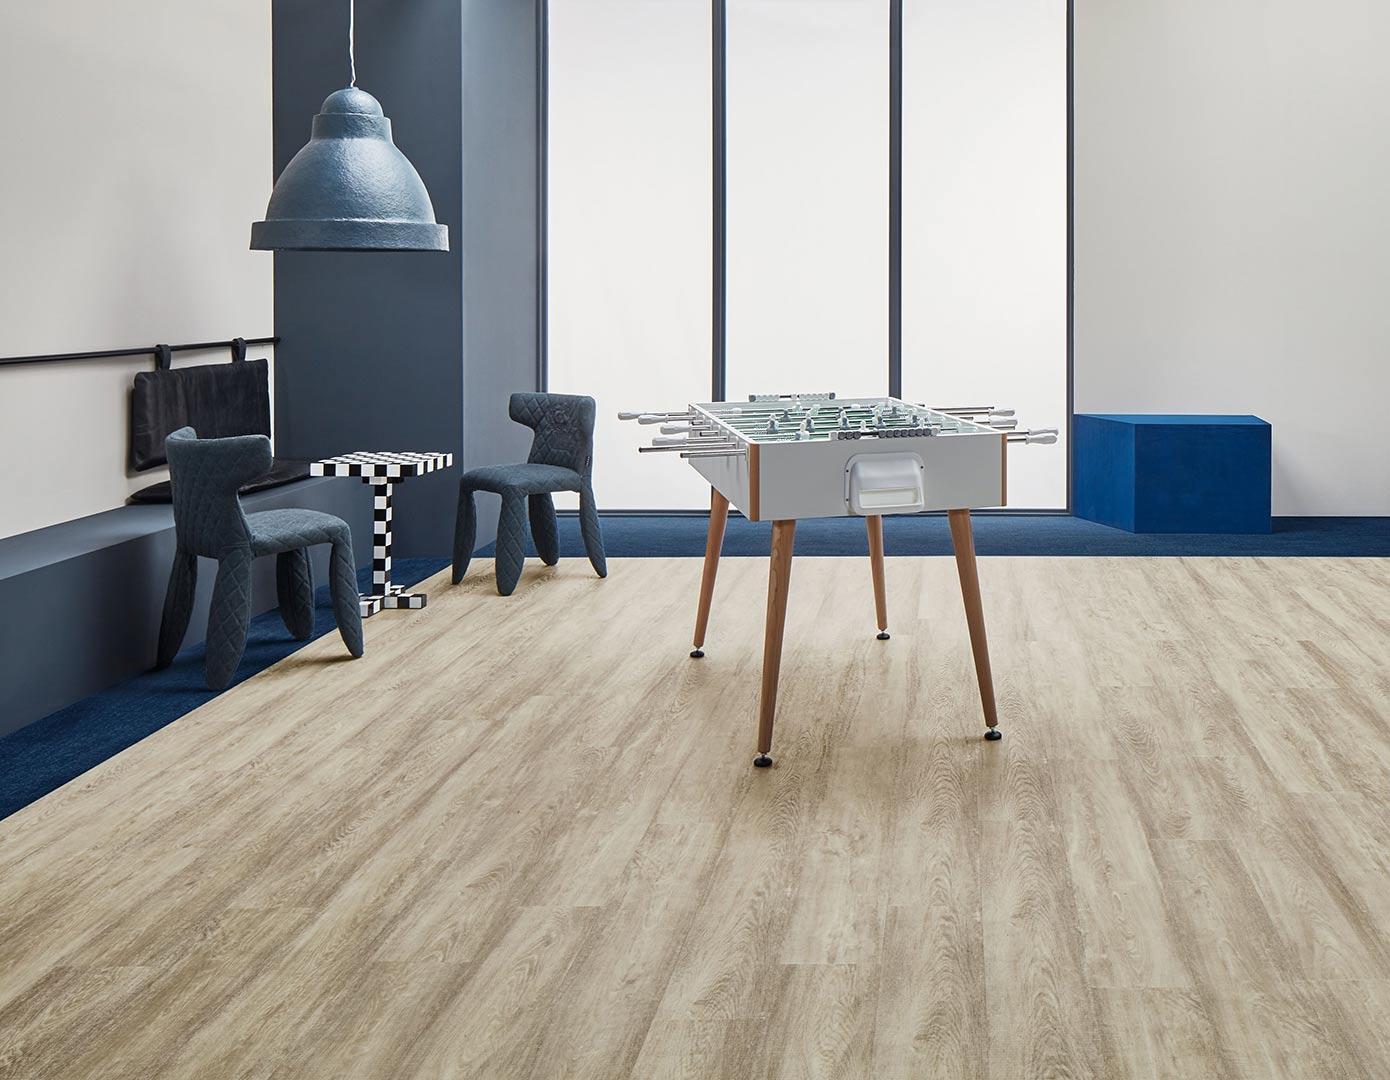 Vinylboden White Raw Timber – Helles Holz mit kontrastreicher Maserung – Jetzt kostenloses Muster bestellen!